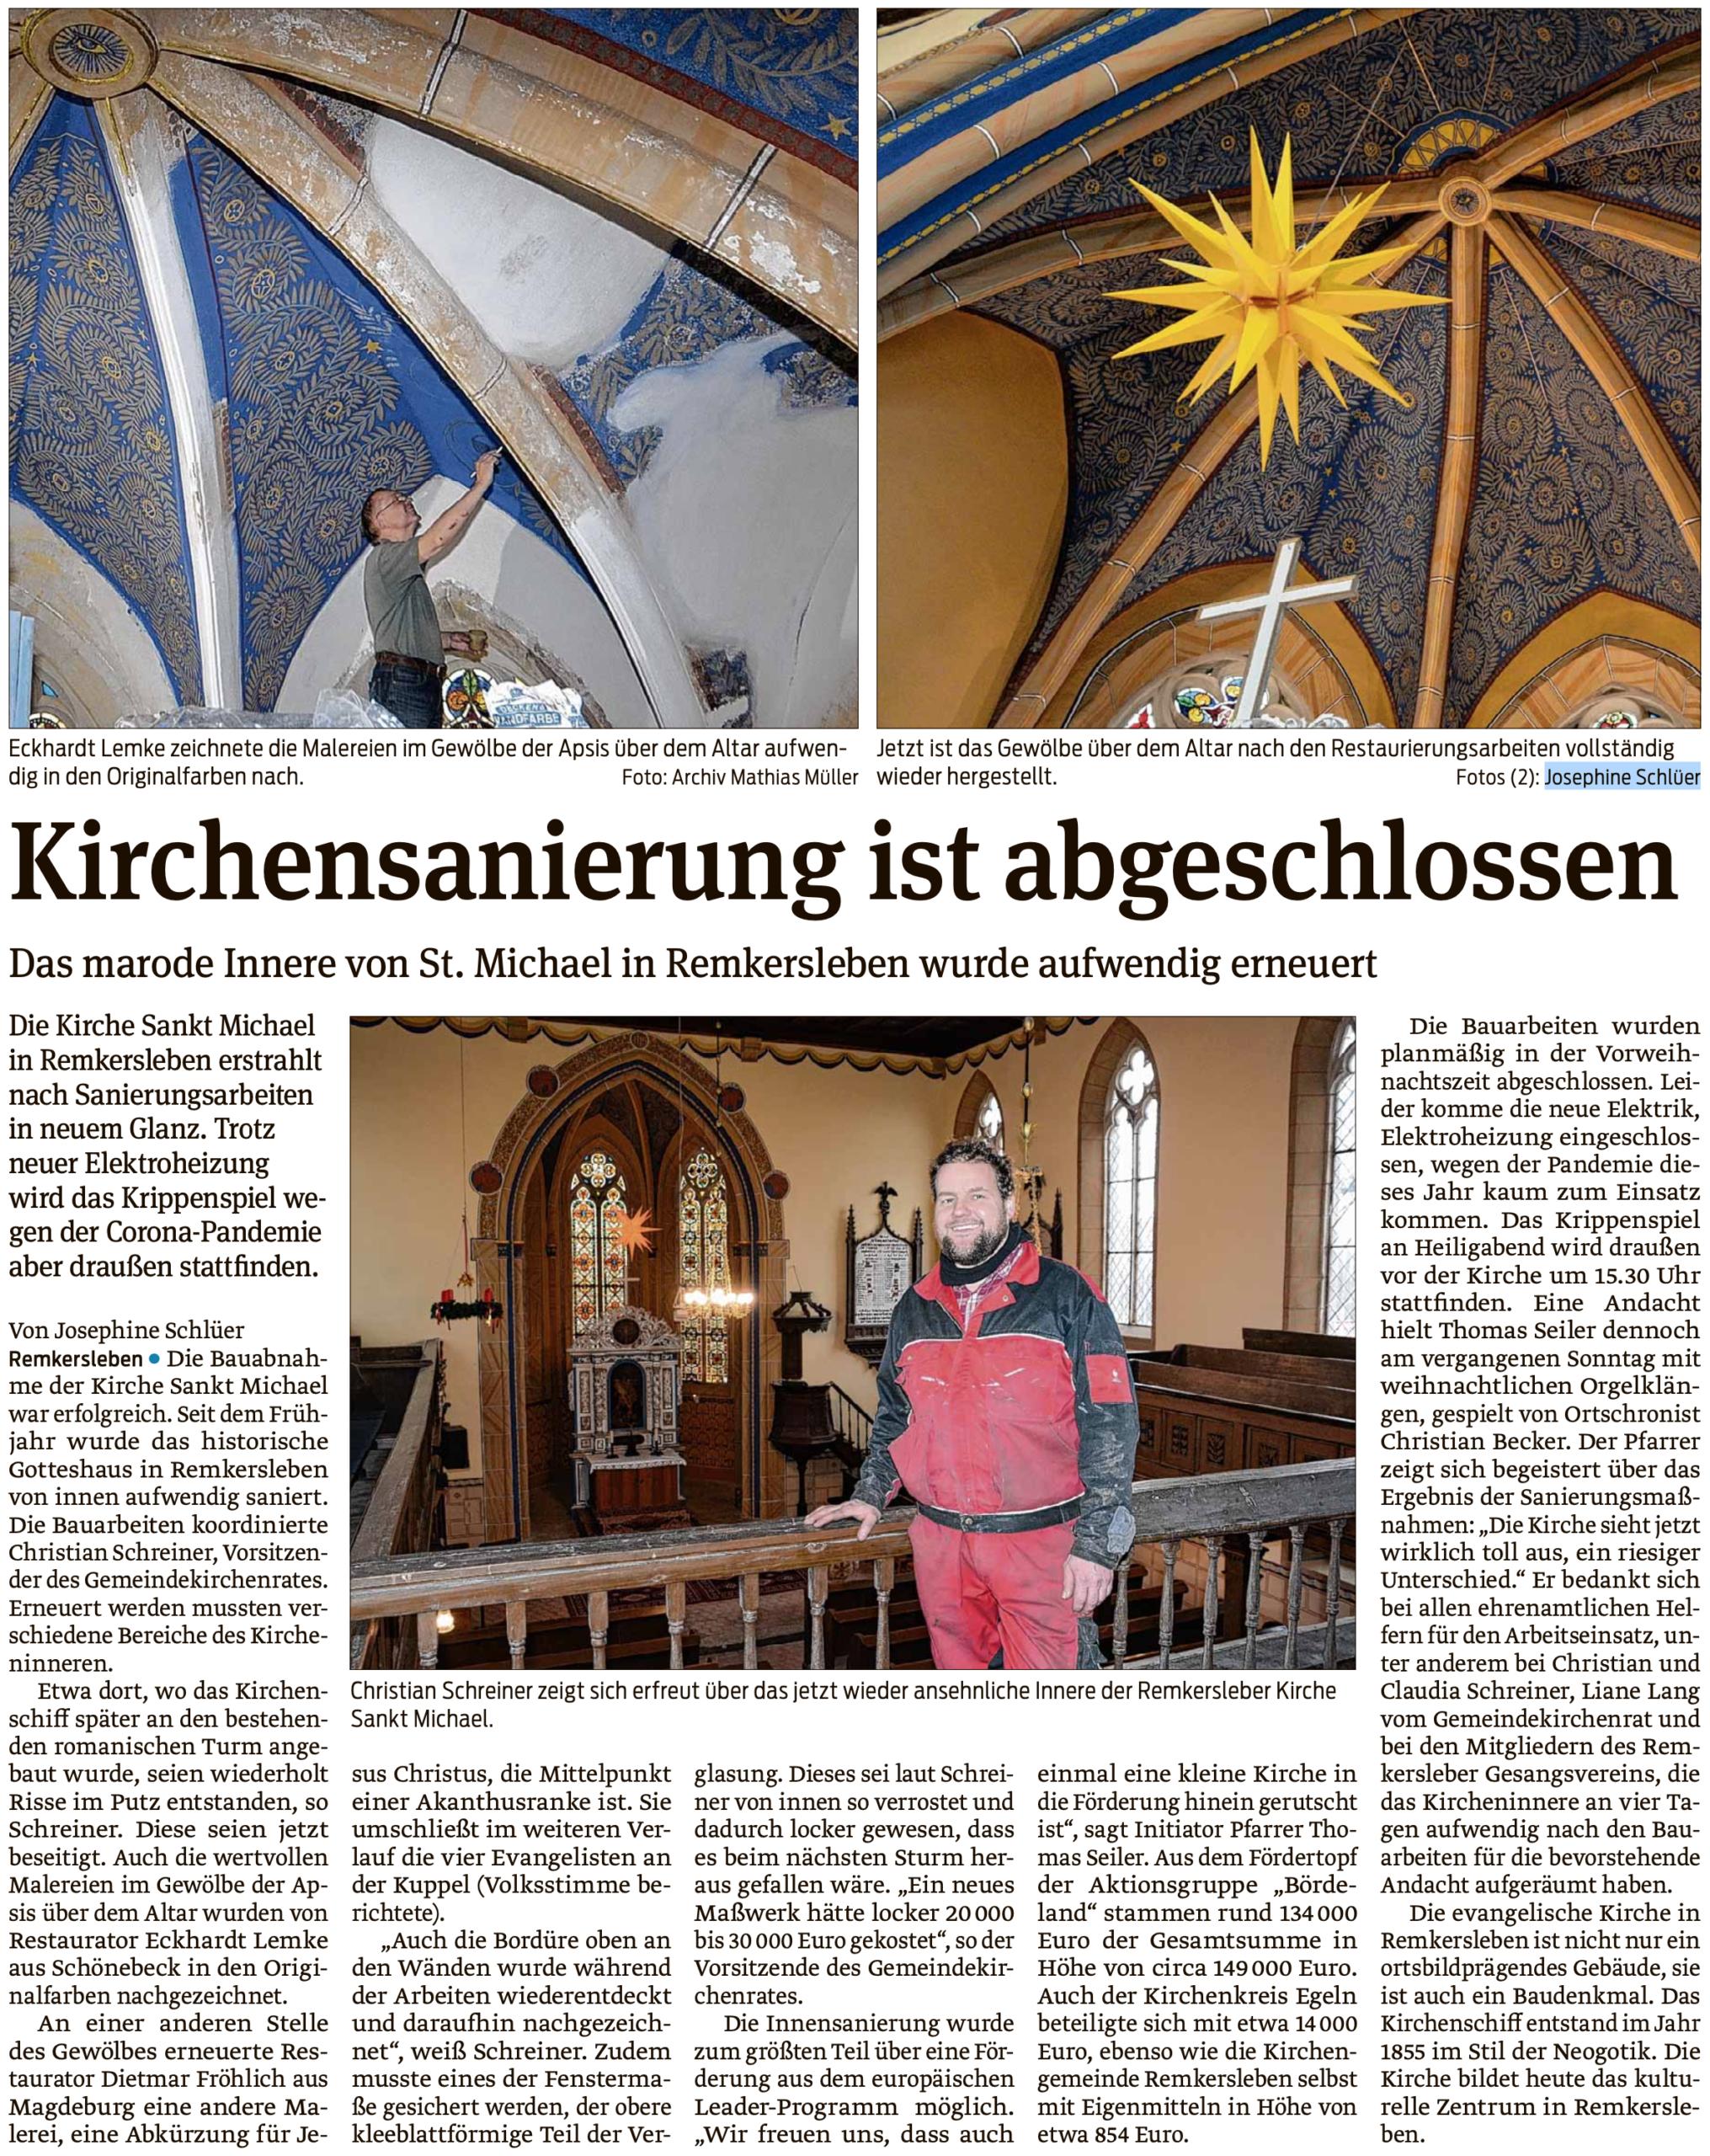 Kirchensanierung ist abgeschlossen